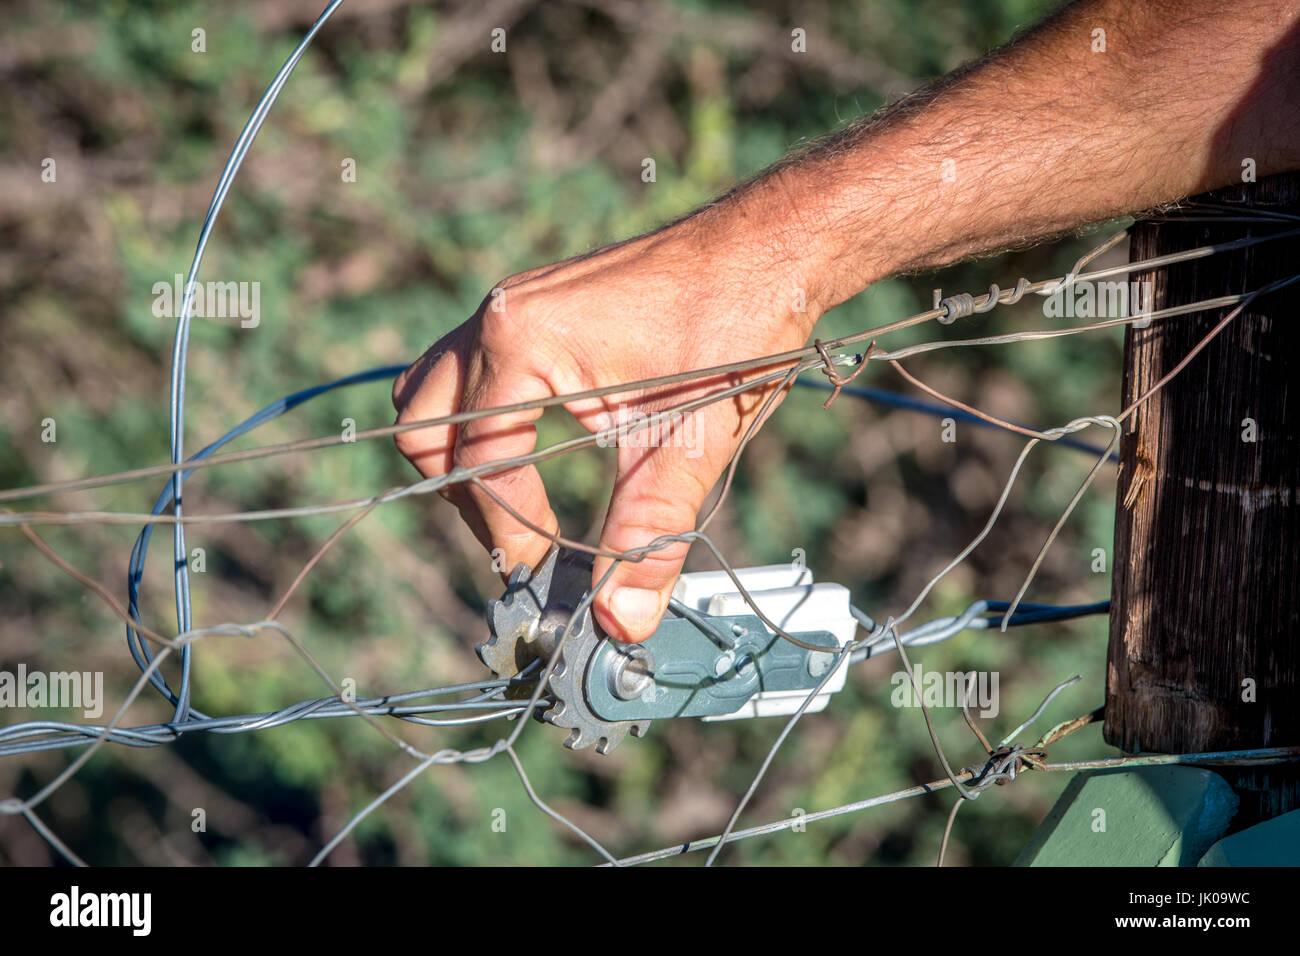 Landwirt Überprüfung Elektrozaun Draht Bahre auf Einzäunung bei ...